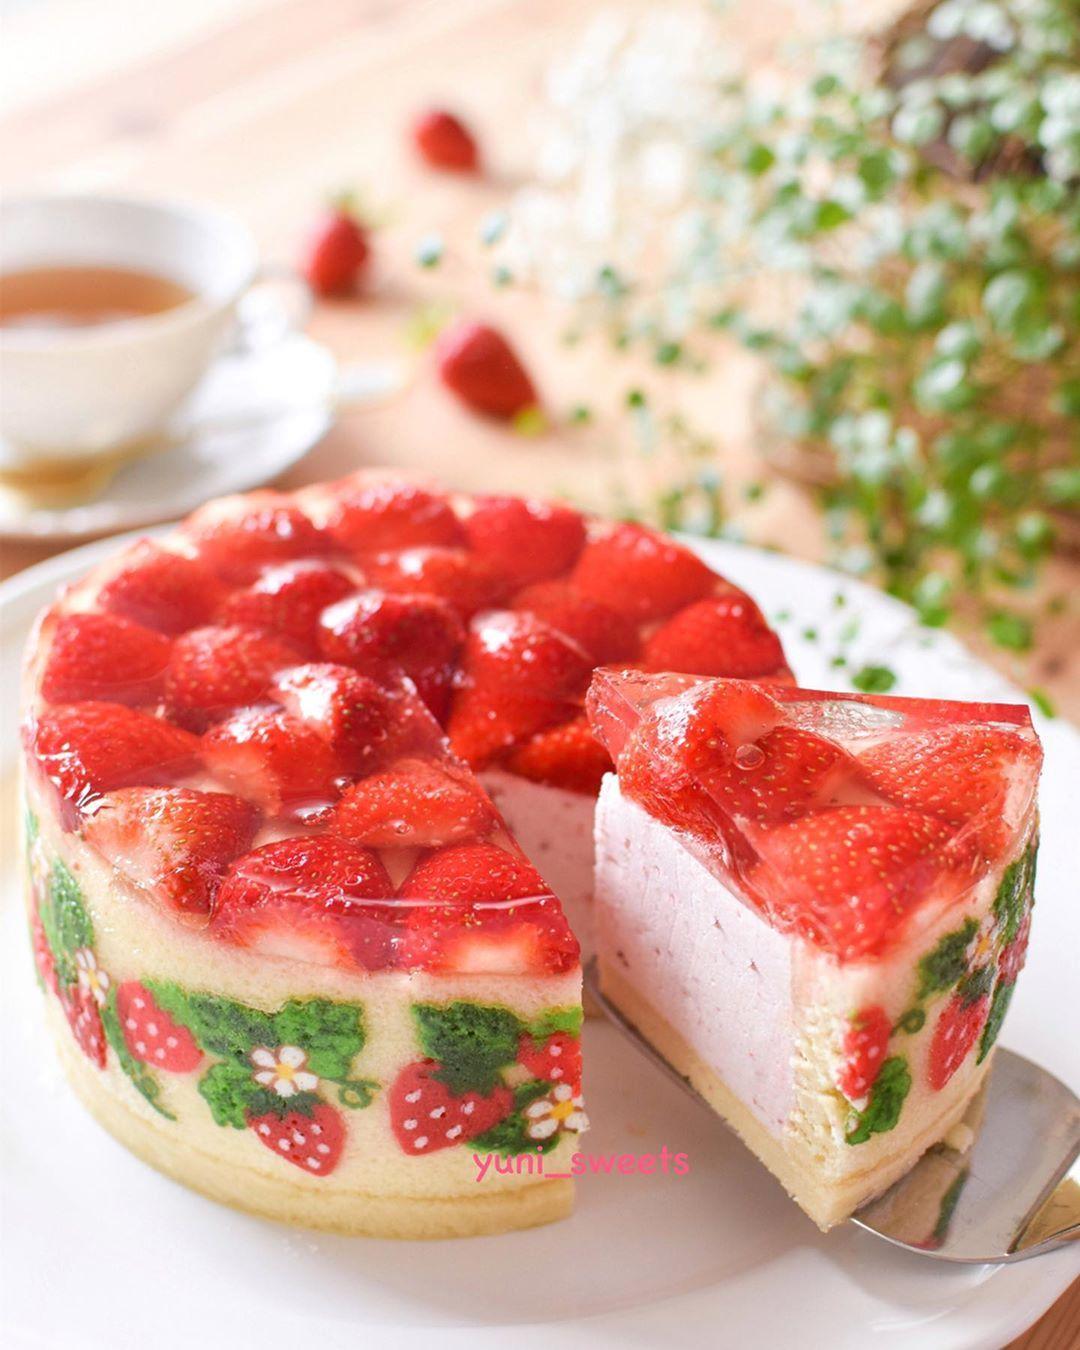 strawberry mousse cake 苺があるうちに リクエストで 苺たっぷりのケーキを でも大失敗 上から流したゼリーが セルクルとスポンジ生地の隙間を通ってじゃじゃ漏れに 素人あるある やってみないとわからないこと すごいケーキ ストロベリー